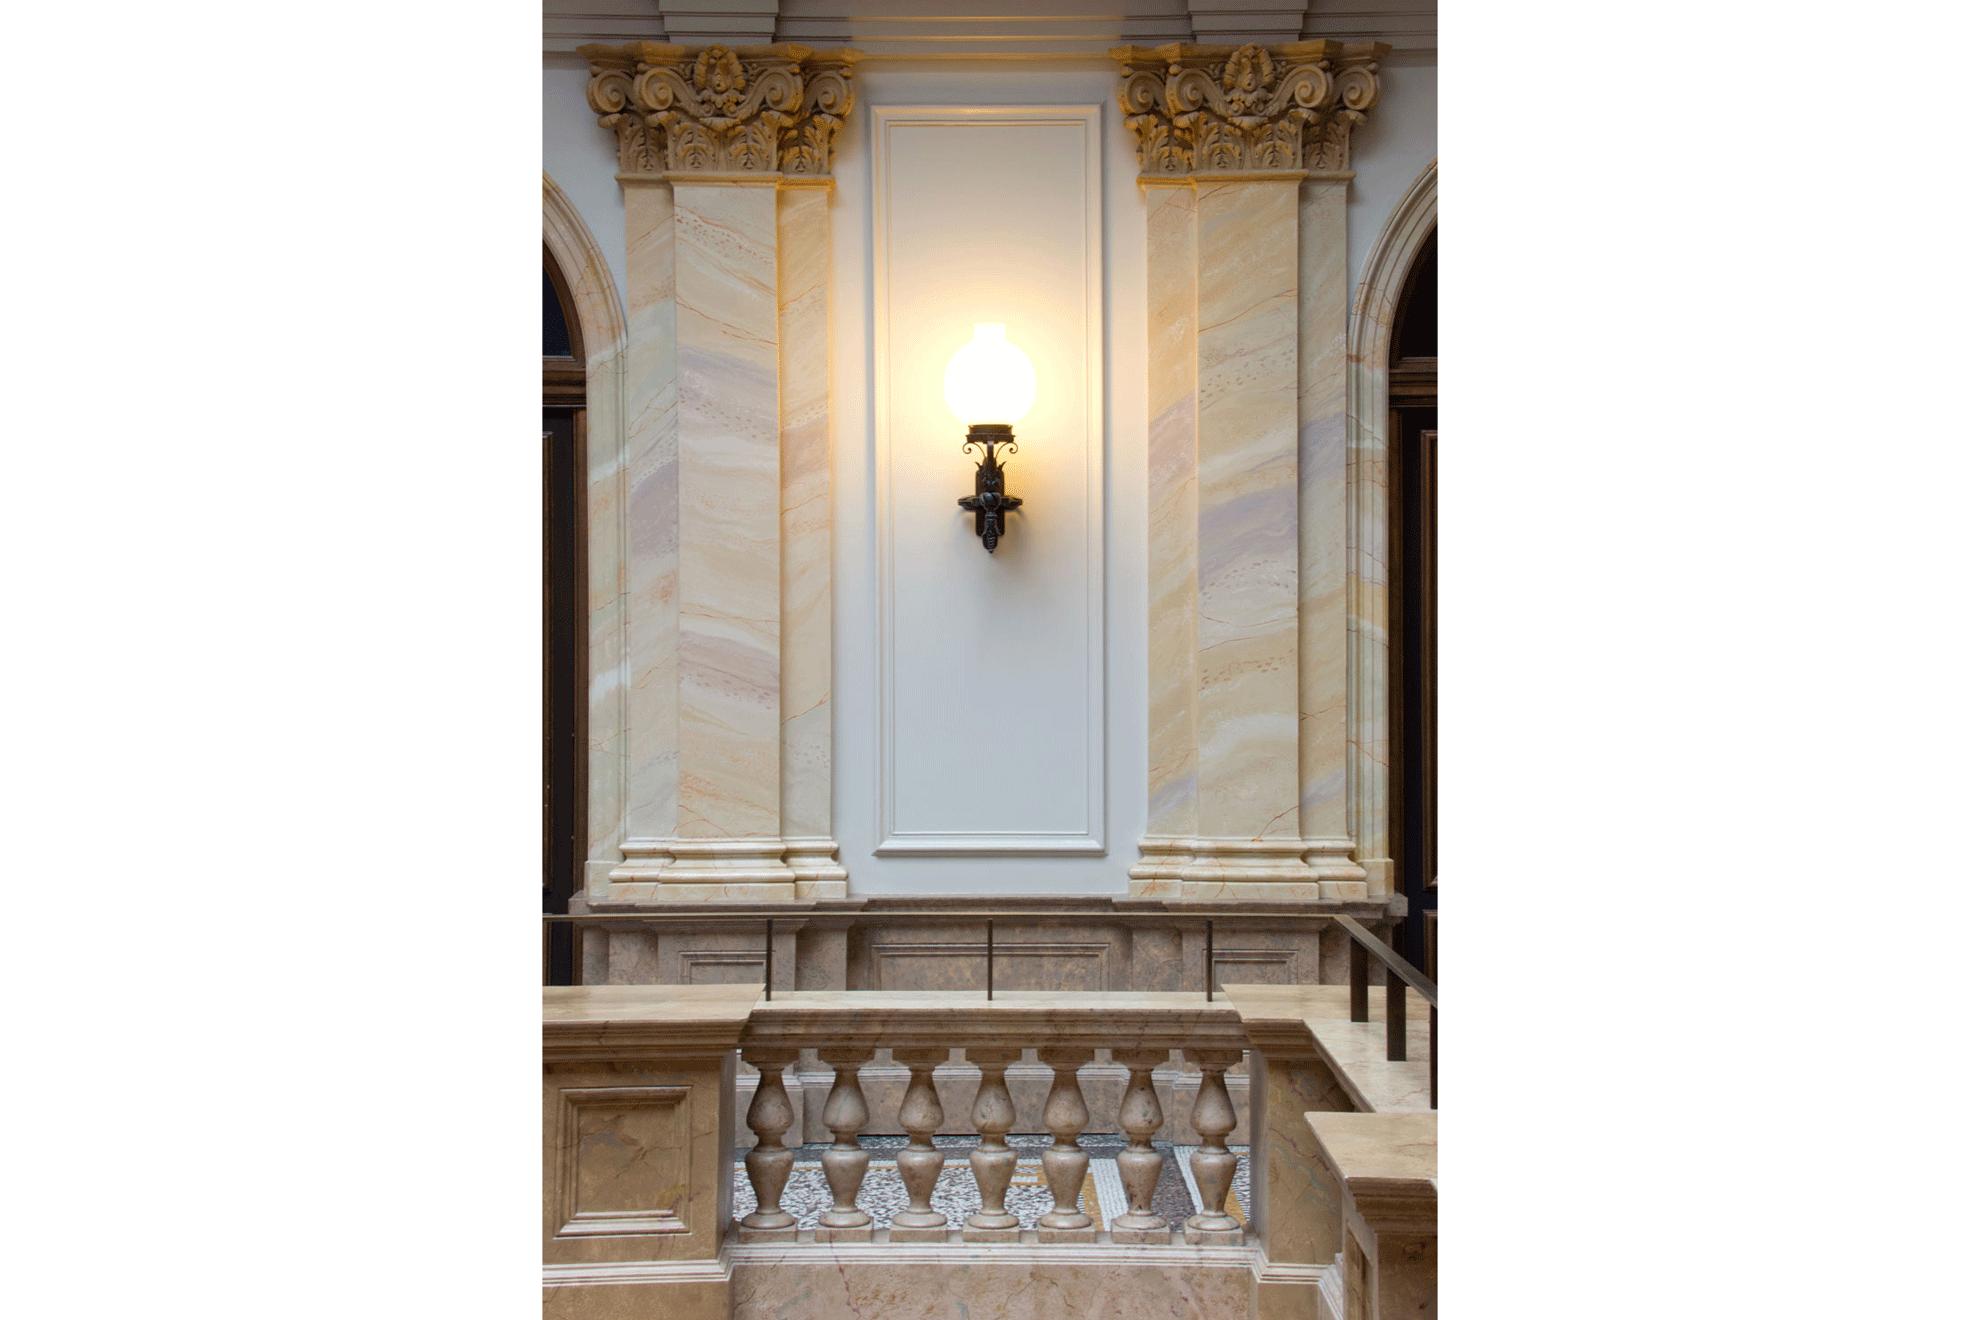 dekorative-Technikbezirksgebaeude1-h3zu2